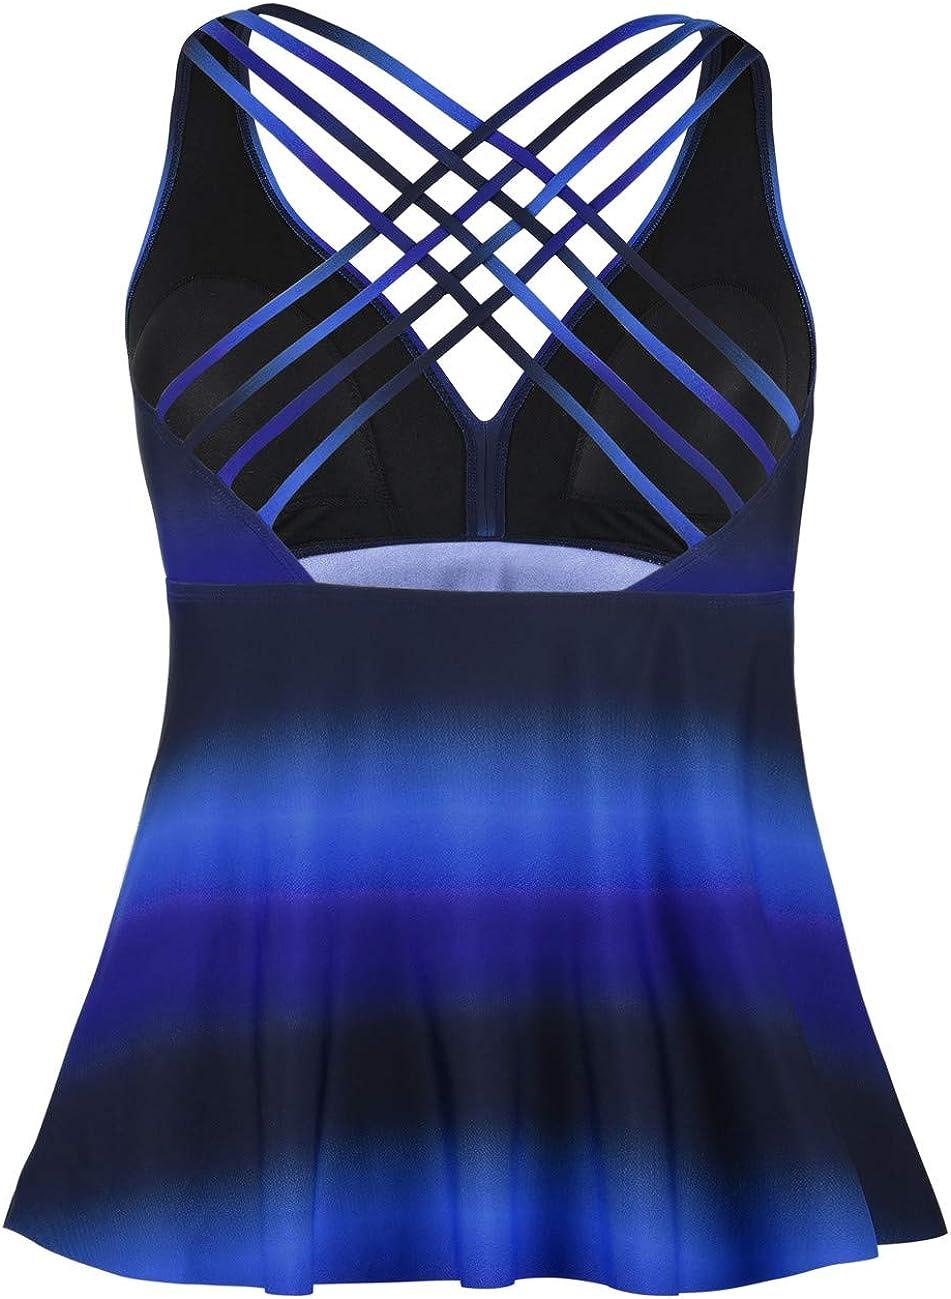 Firpearl Womens Tankini Swimsuits Cross Back Flowy Swim Tops Modest Swimwear